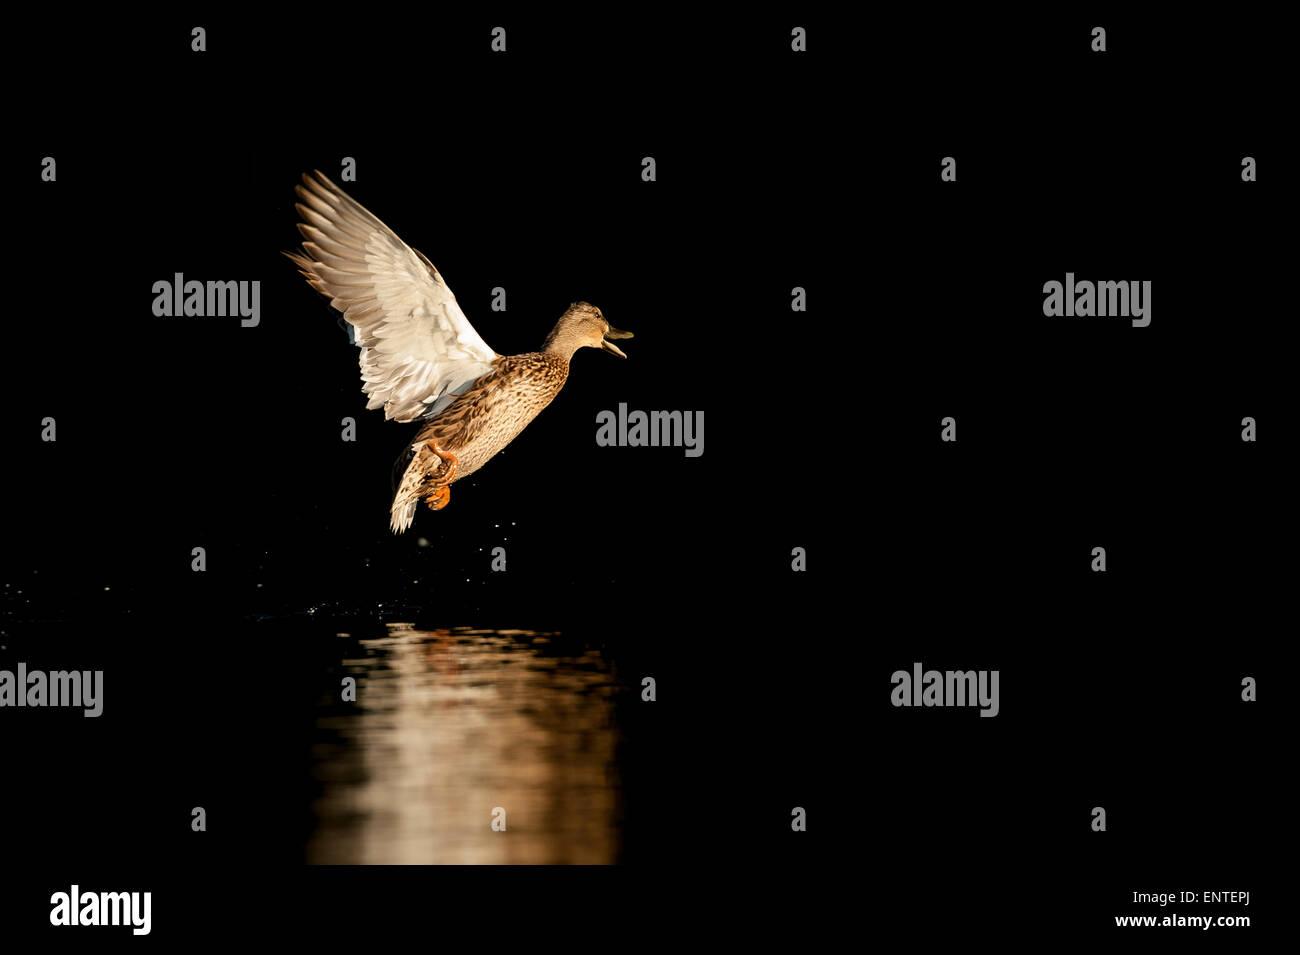 El ánade real (Anas platyrhynchos) volando, REINO UNIDO Imagen De Stock